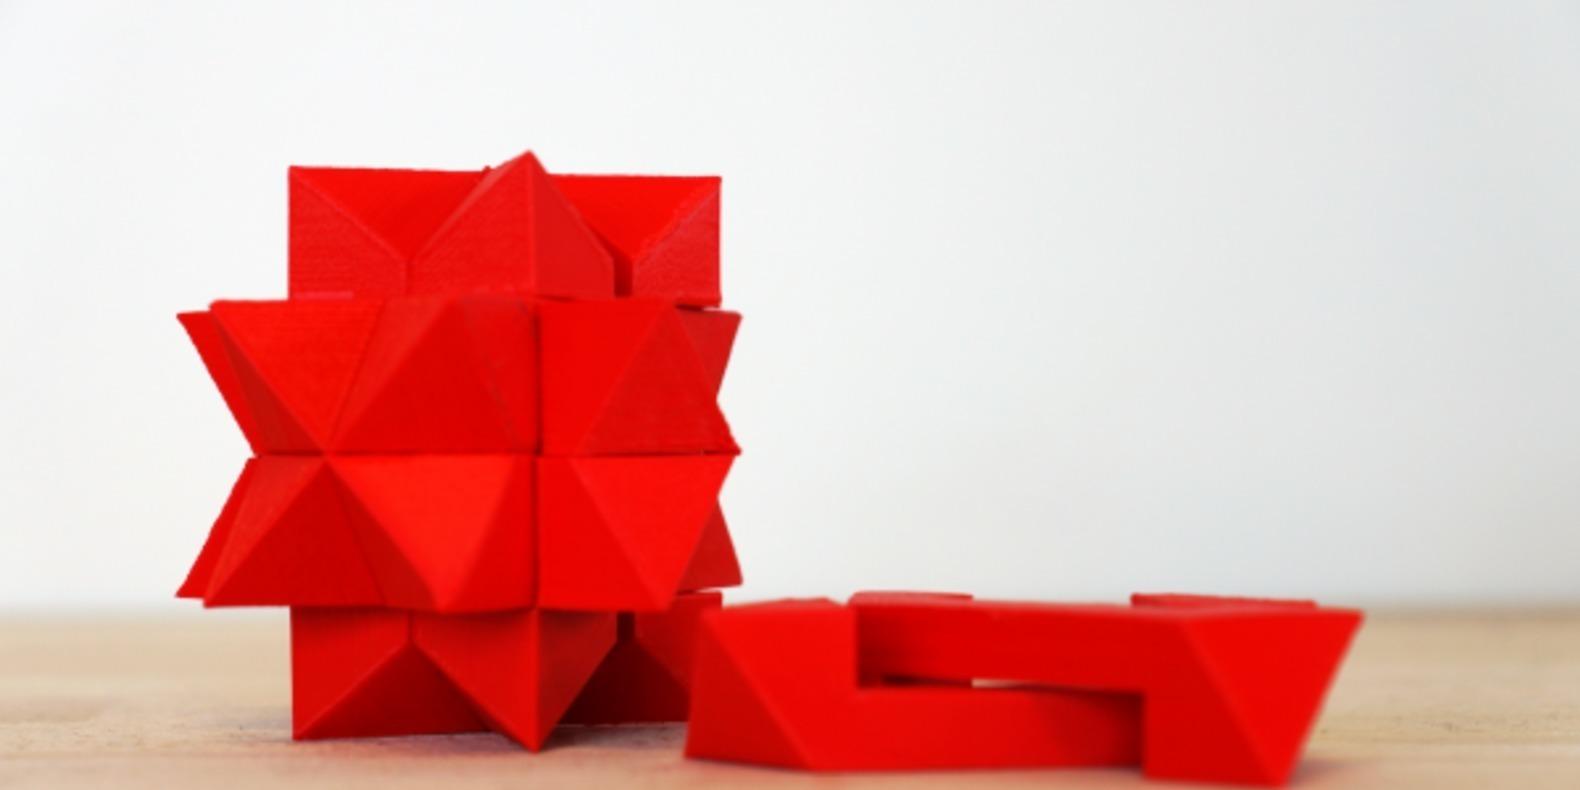 advent calendar calendrier avent dagoma fichier 3D impression 3D 3D printing cults STL calendrier de l'avent